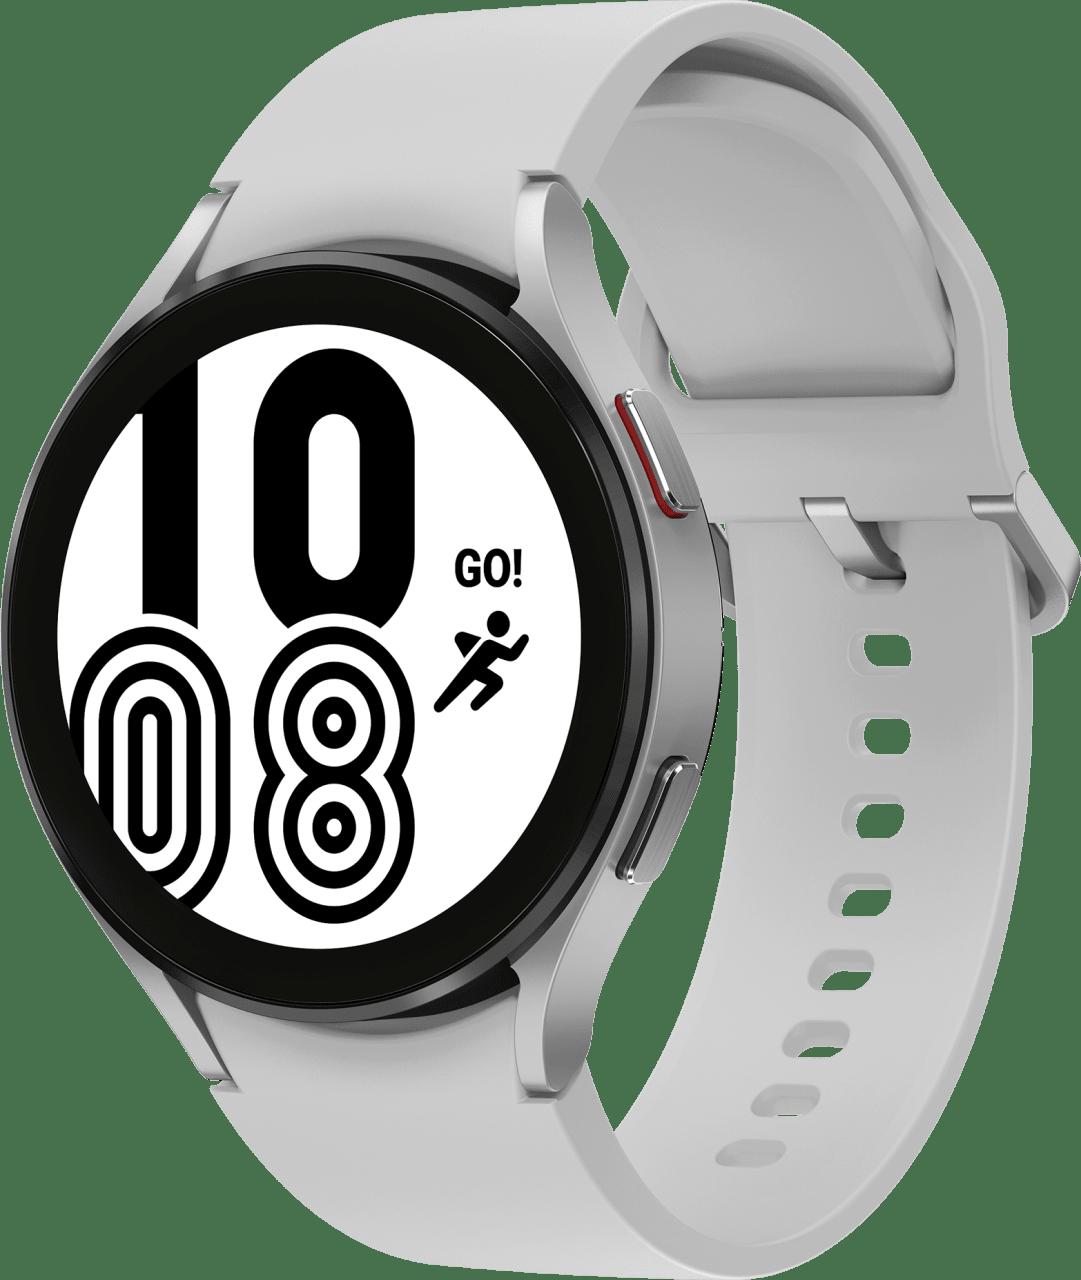 Plata Samsung Galaxy Watch4 LTE, 44mm.1